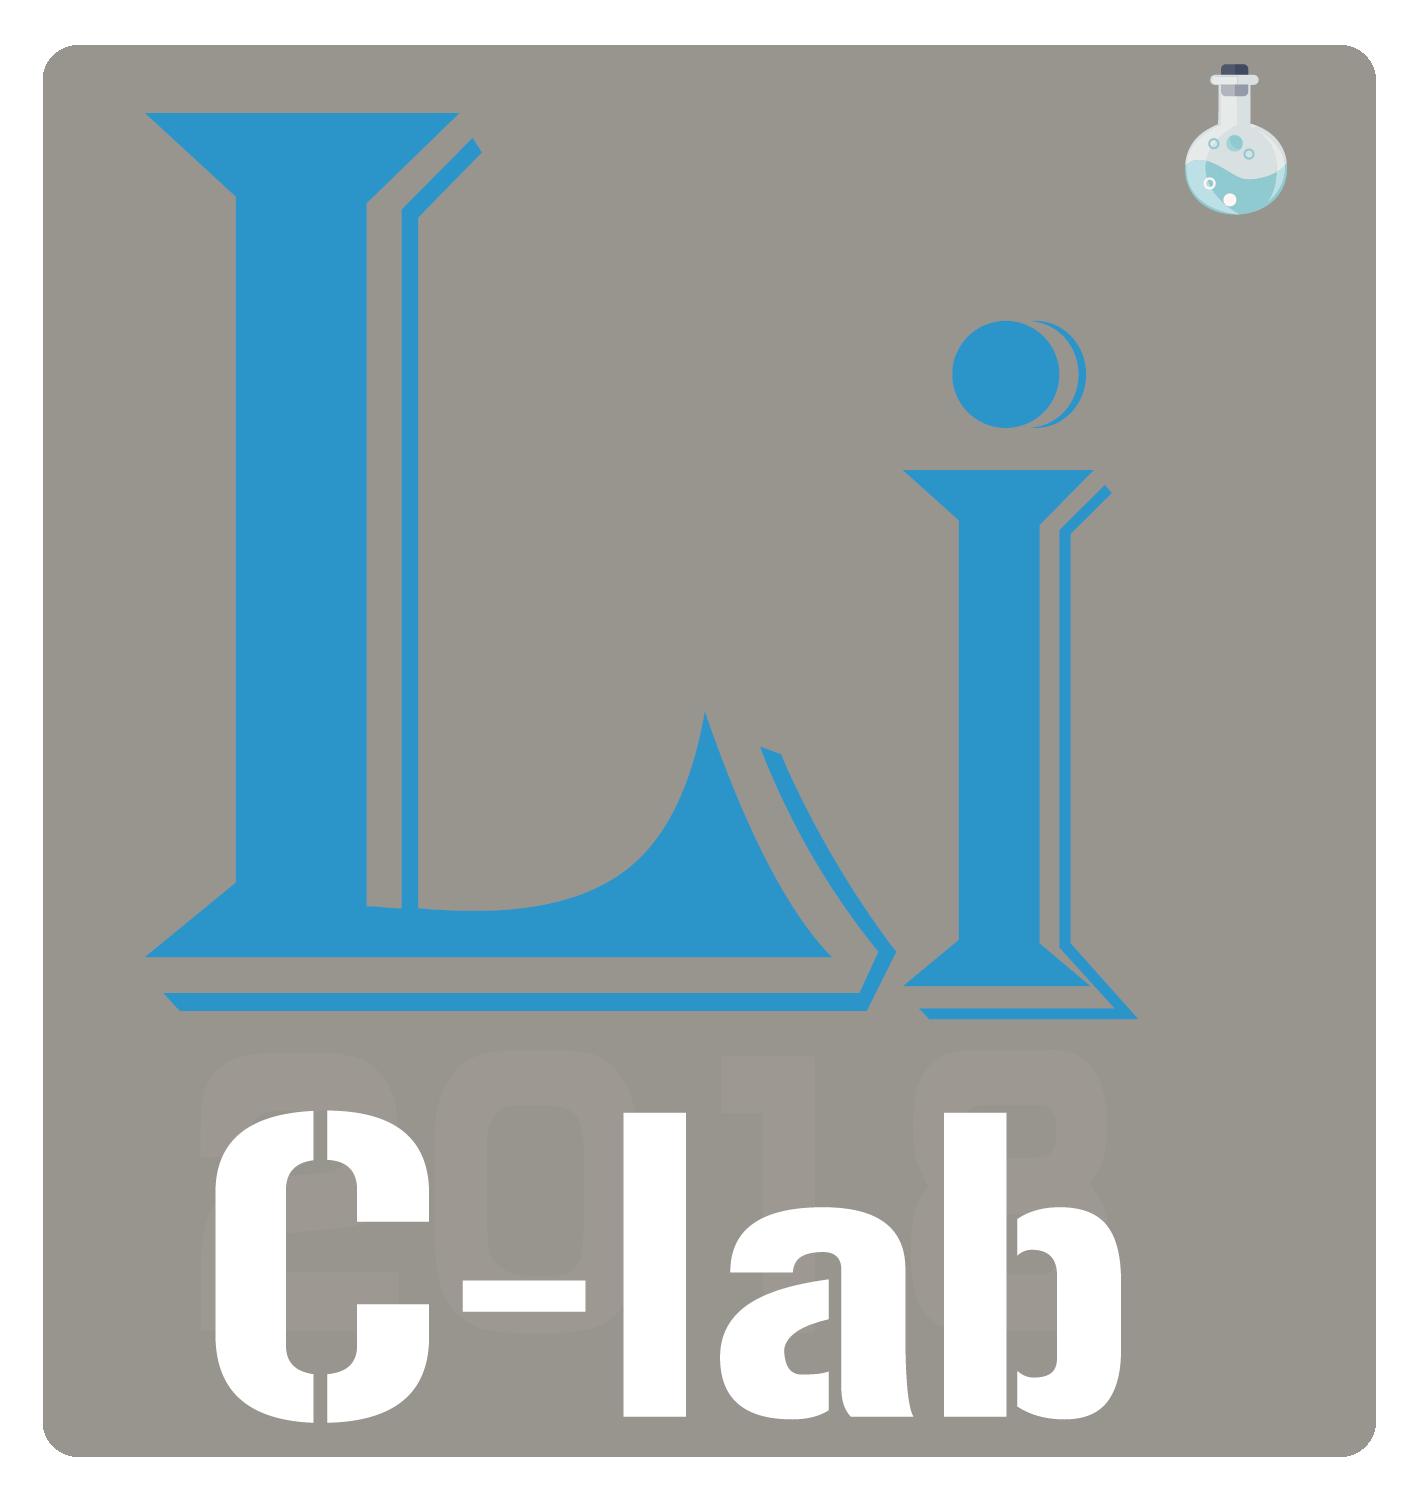 Chao Li Lab